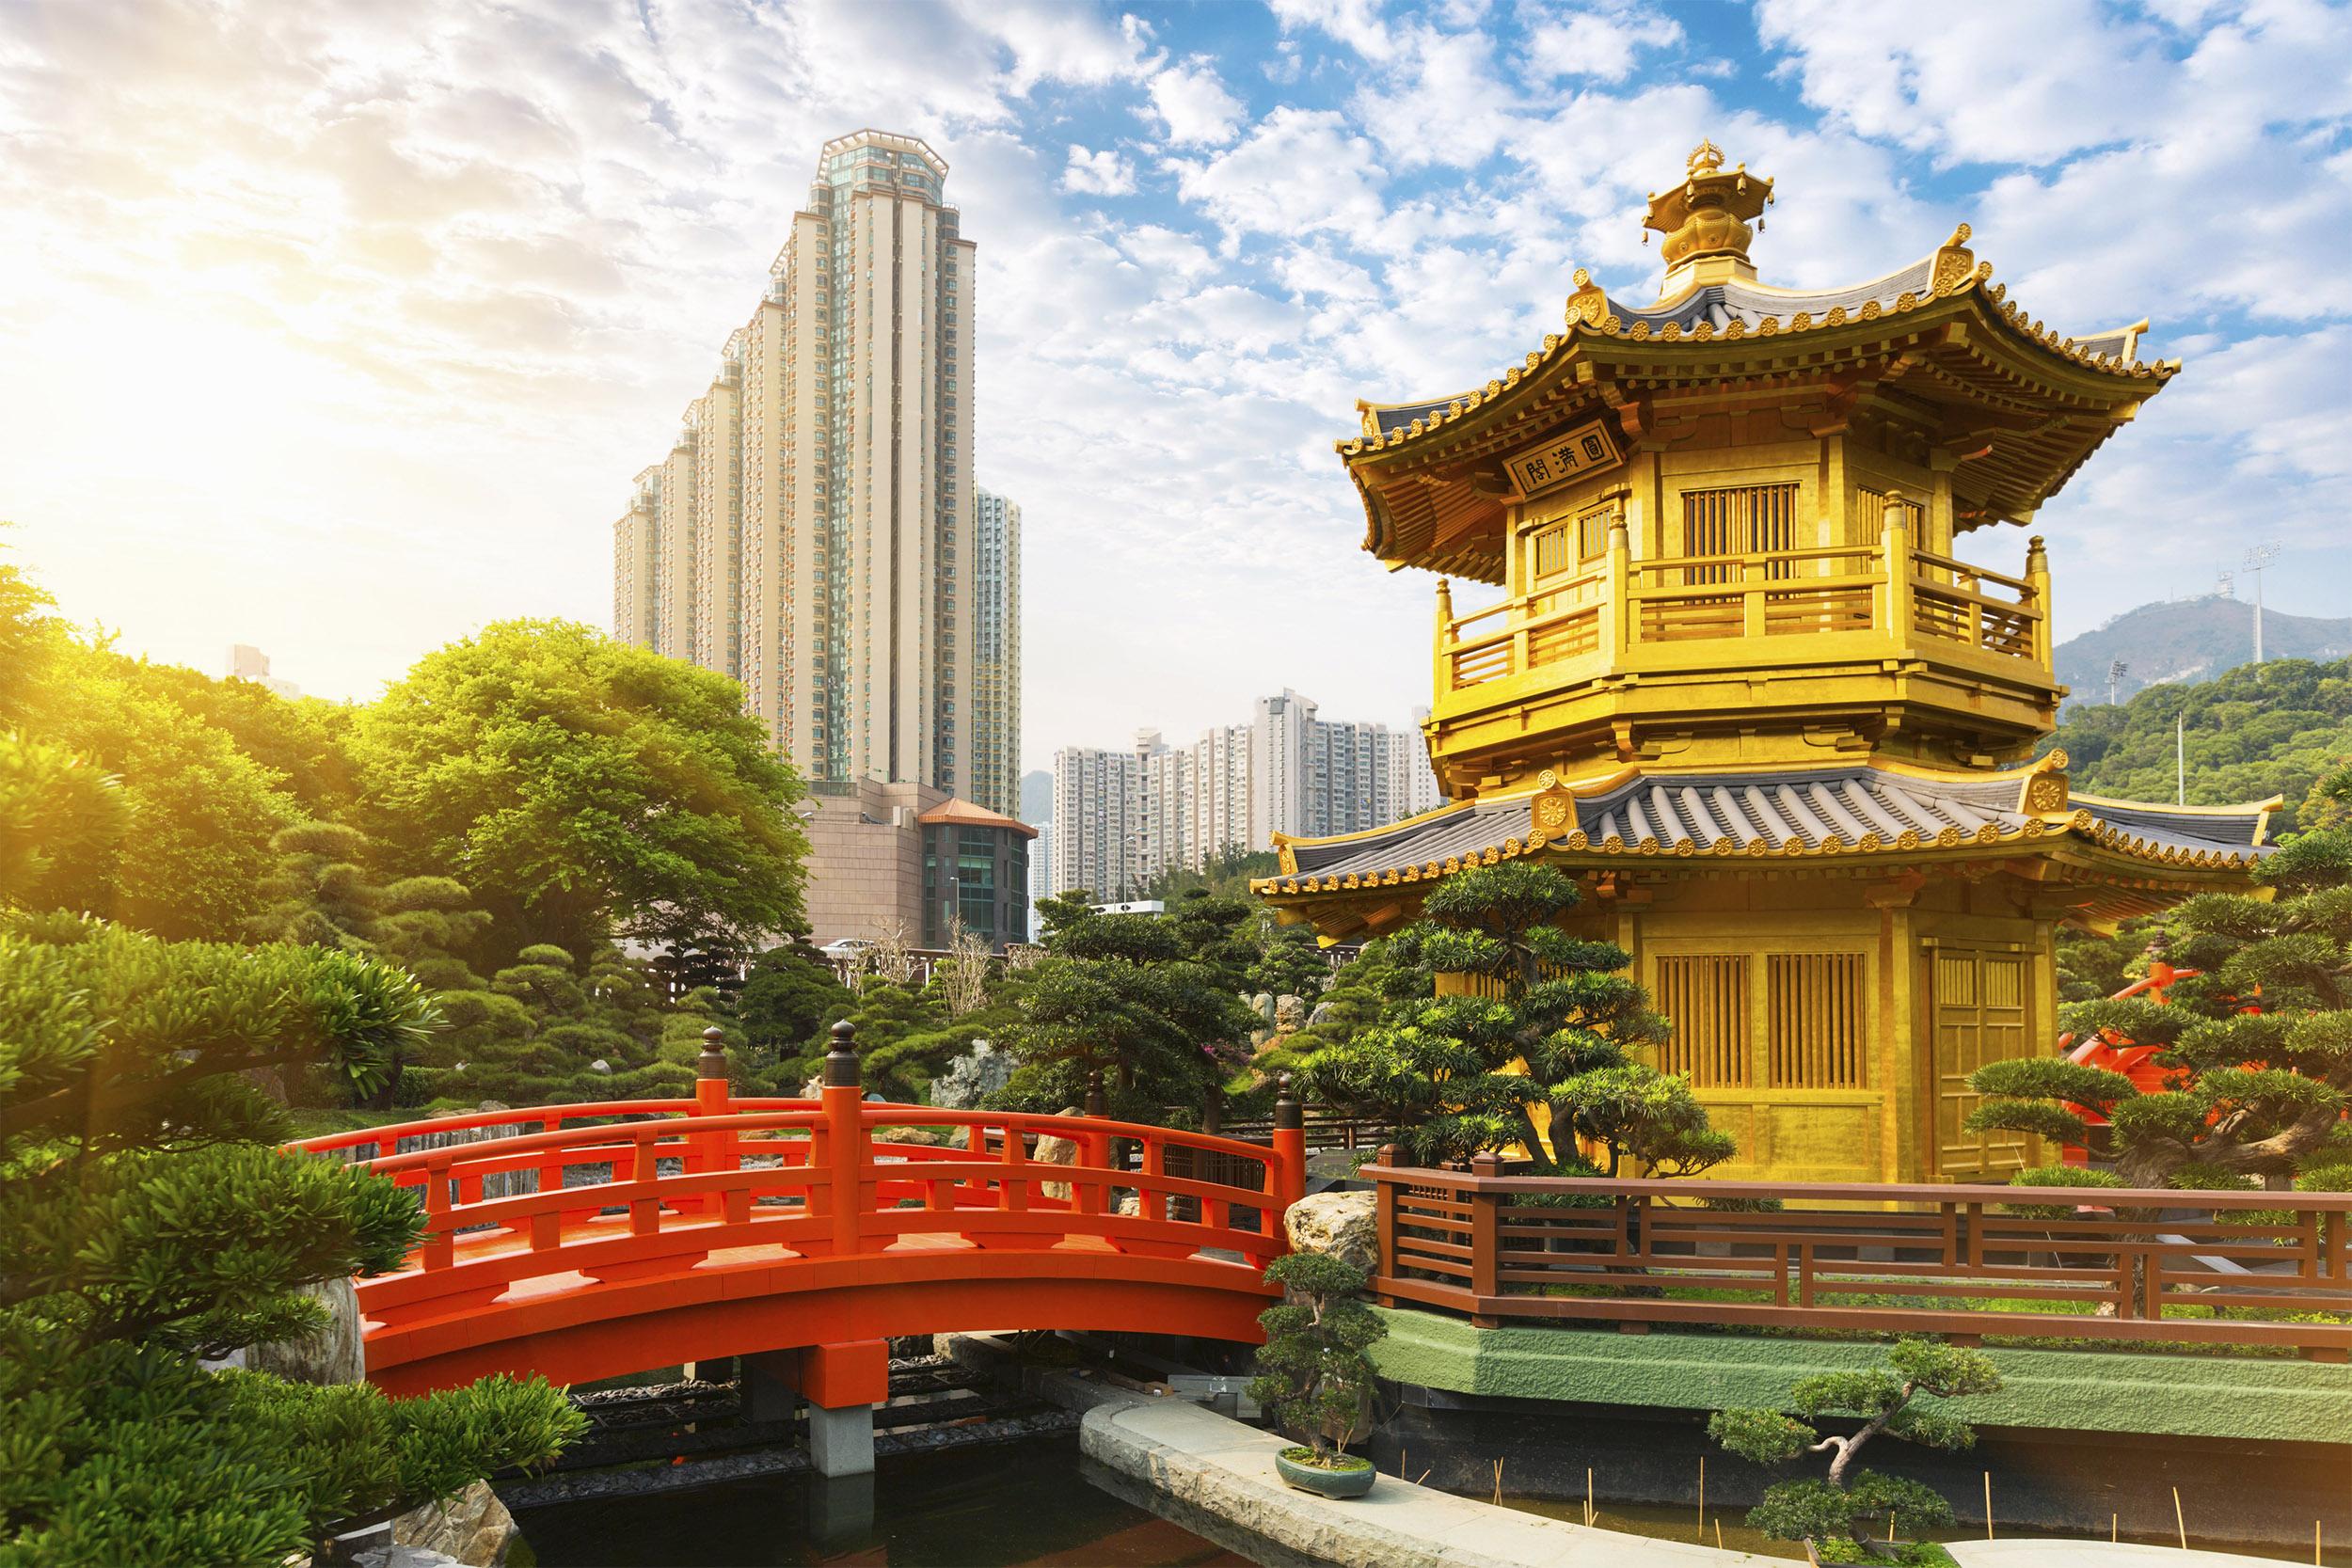 Nan Lian Garden in Hong Kong, China